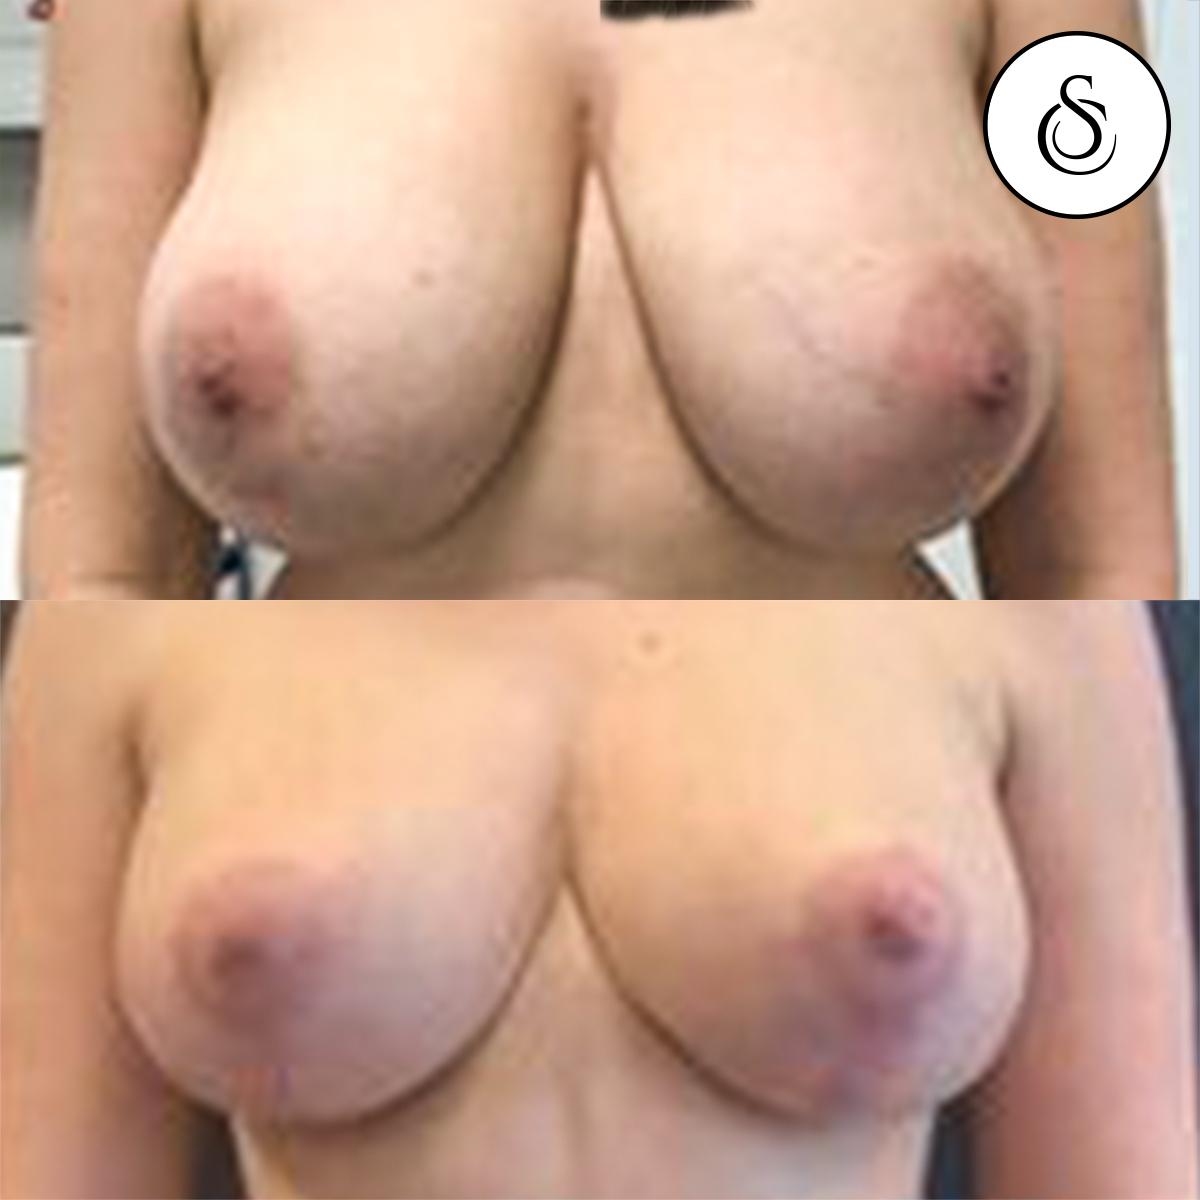 borstverkleining voor en na ongecensureerd